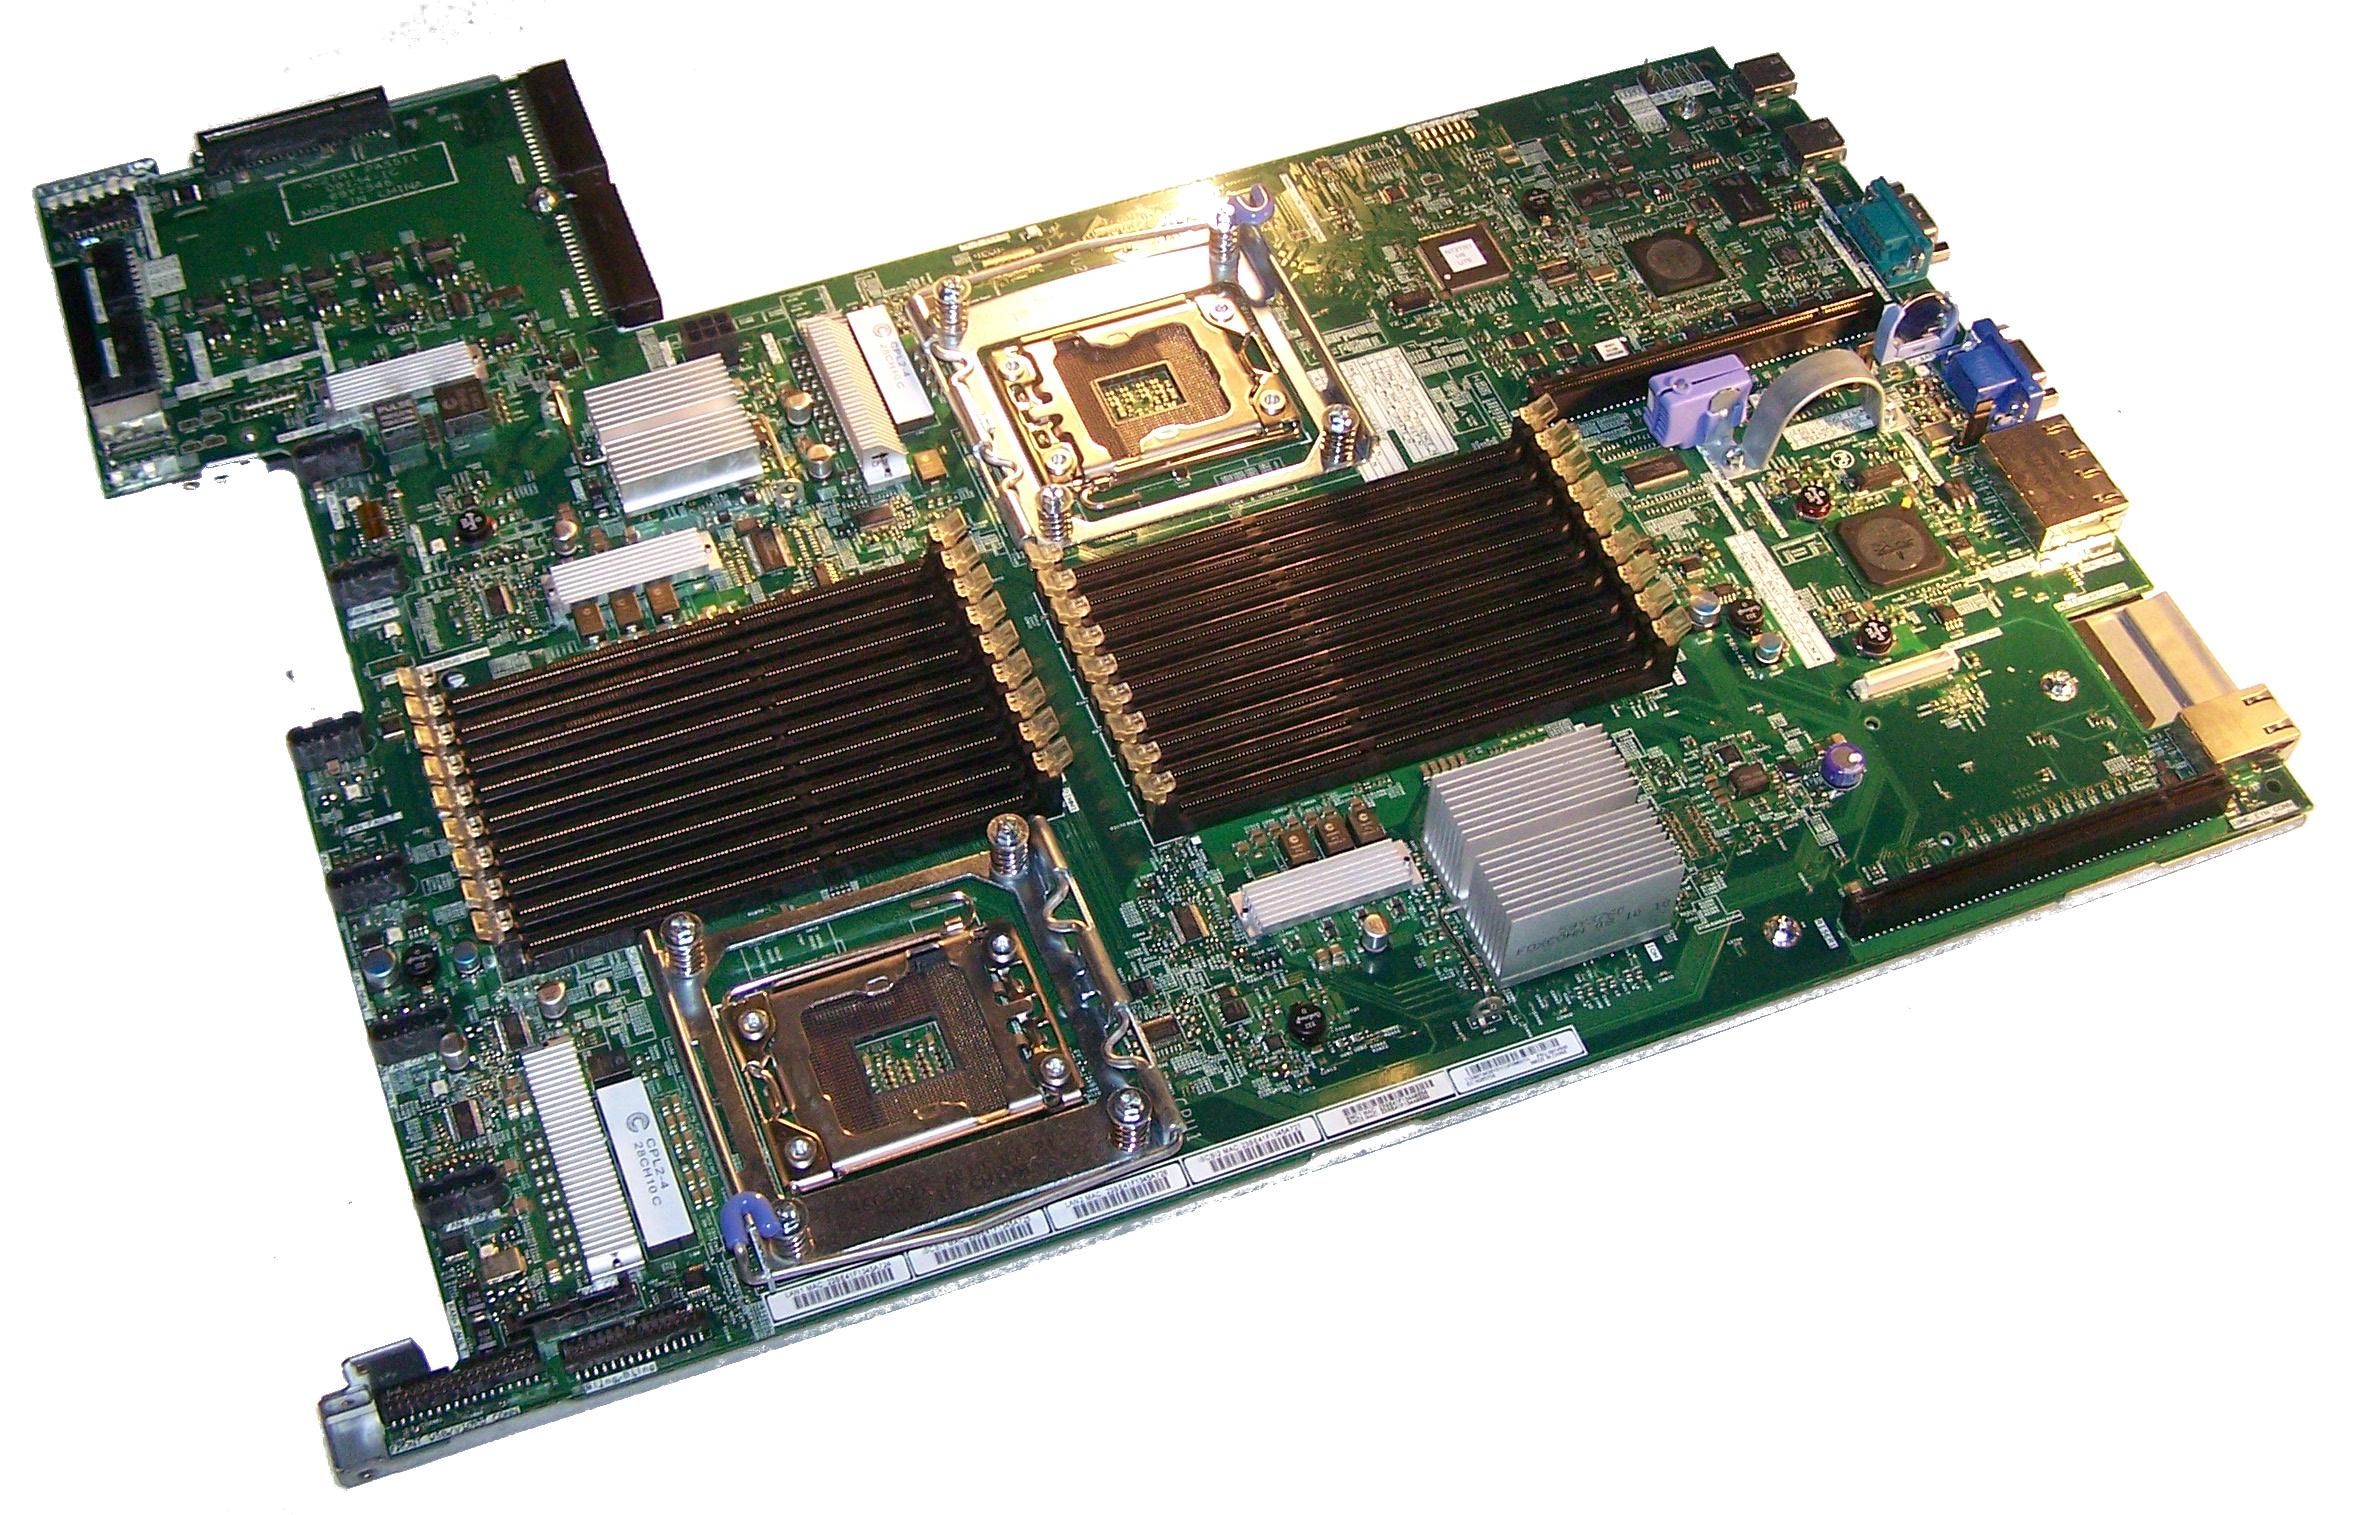 Serverguide for x3650 m3 ibm x3650 m3 server guide cd